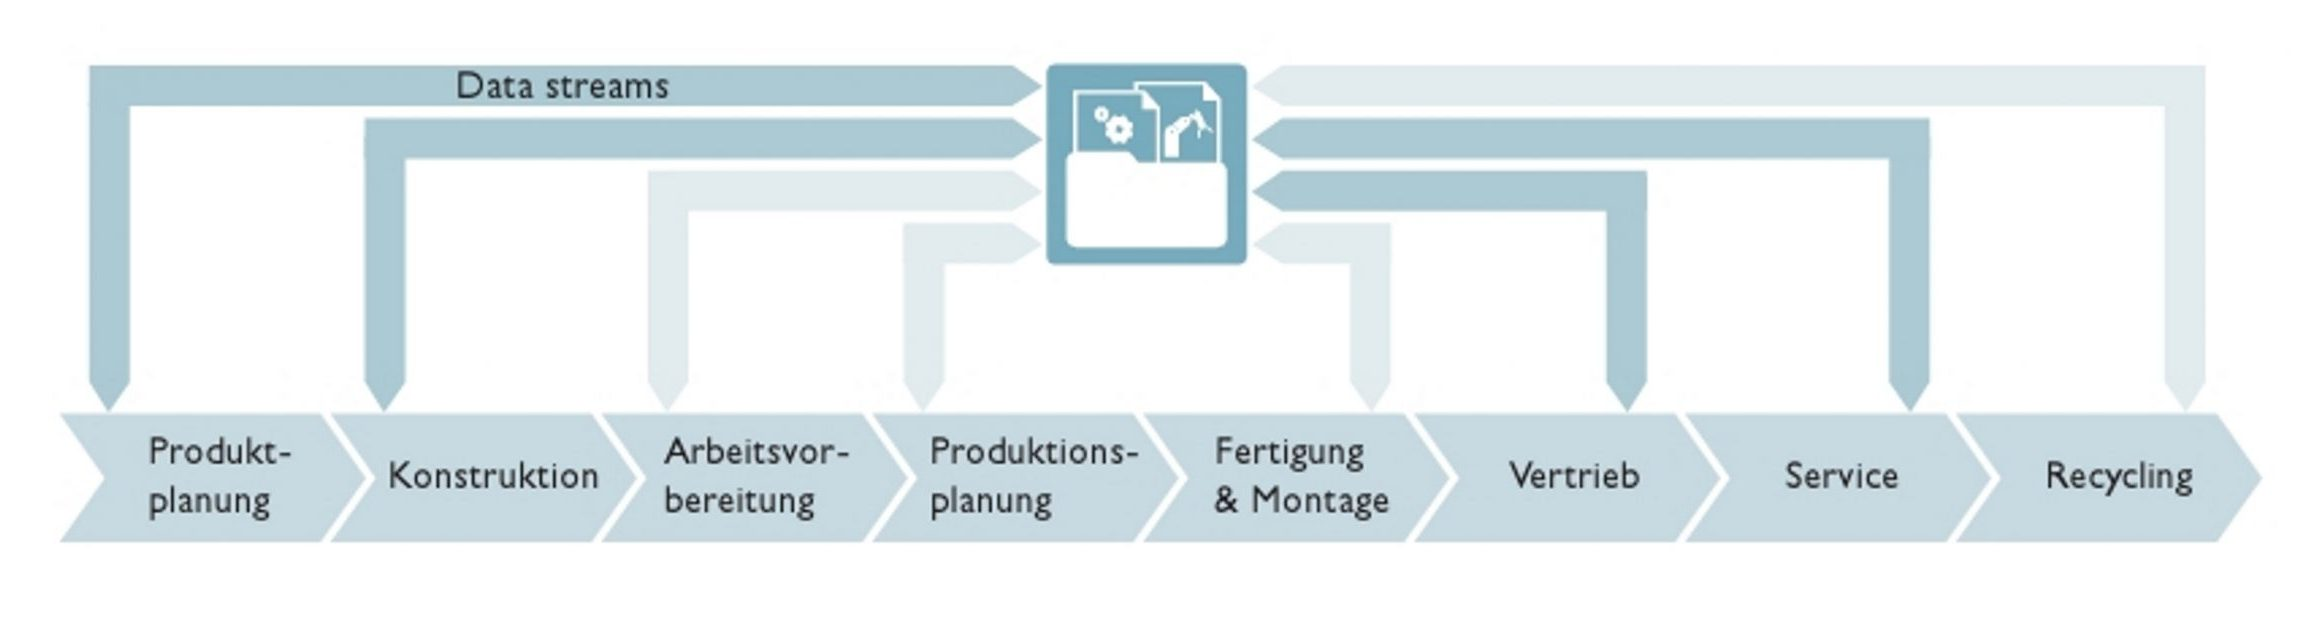 Gesamtder digitalen Zwillinge in den betroffenen Wertschöpfungsketten (Bild: Phoenix Contact Deutschland GmbH)